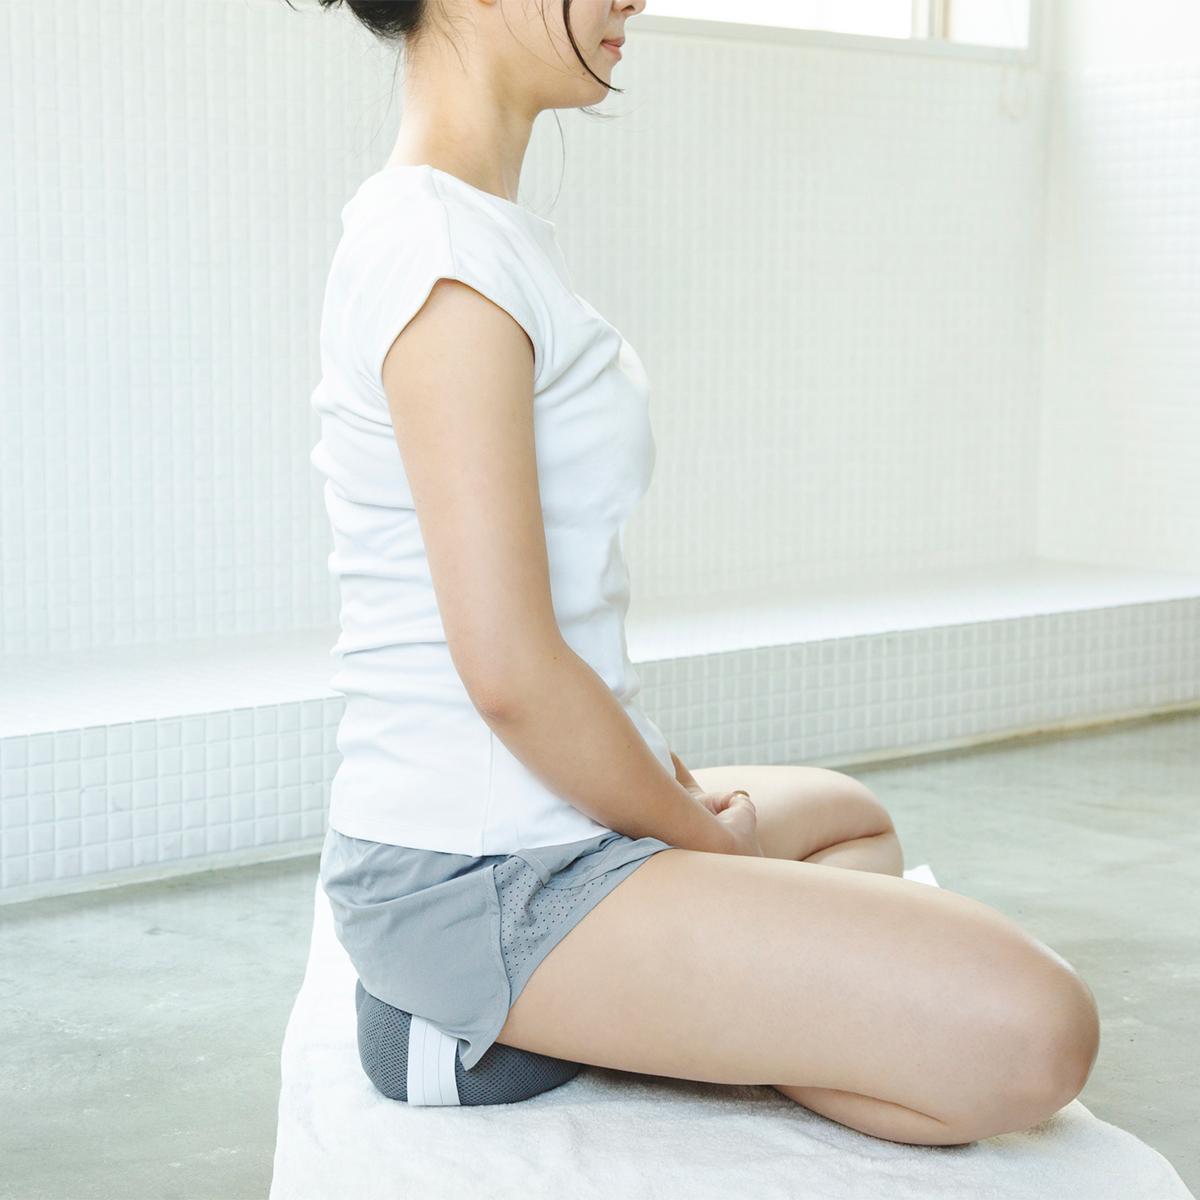 坐禅スタイルが導く「ととのい」の姿勢。骨盤をサポートして姿勢を安定、腰も呼吸もラクに!坐禅蒲団から生まれた、SAUNAクッション|ZAF SAUNA(ザフサウナ)